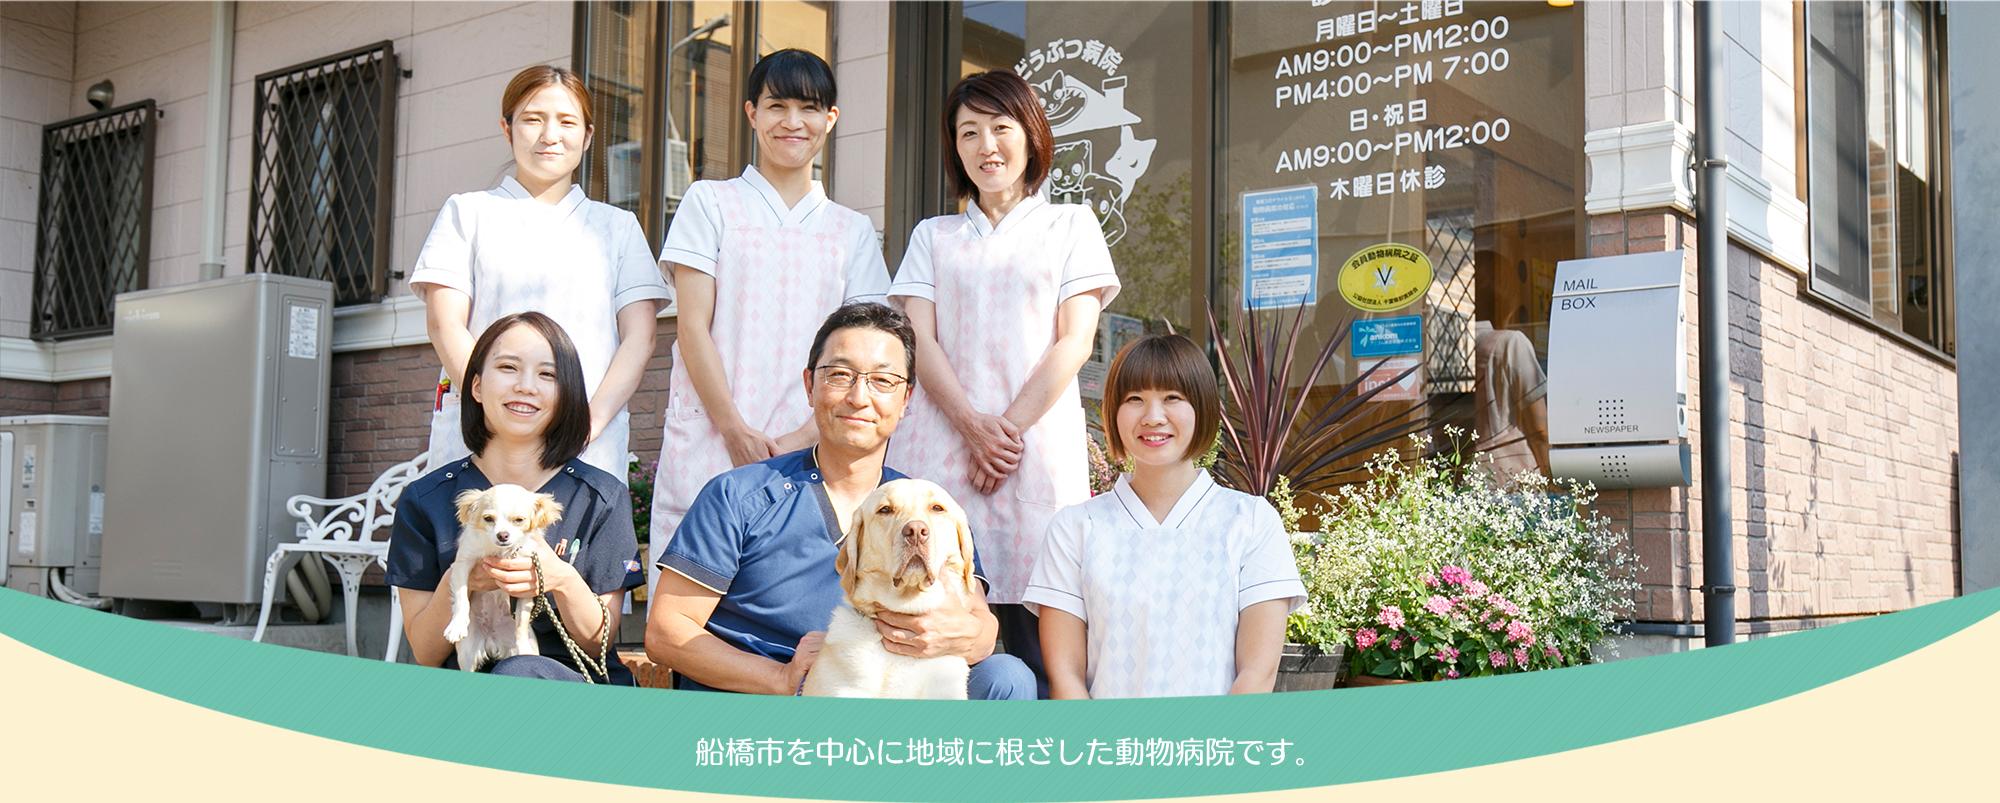 親切・丁寧な動物病院を目指して日々努力致しております。